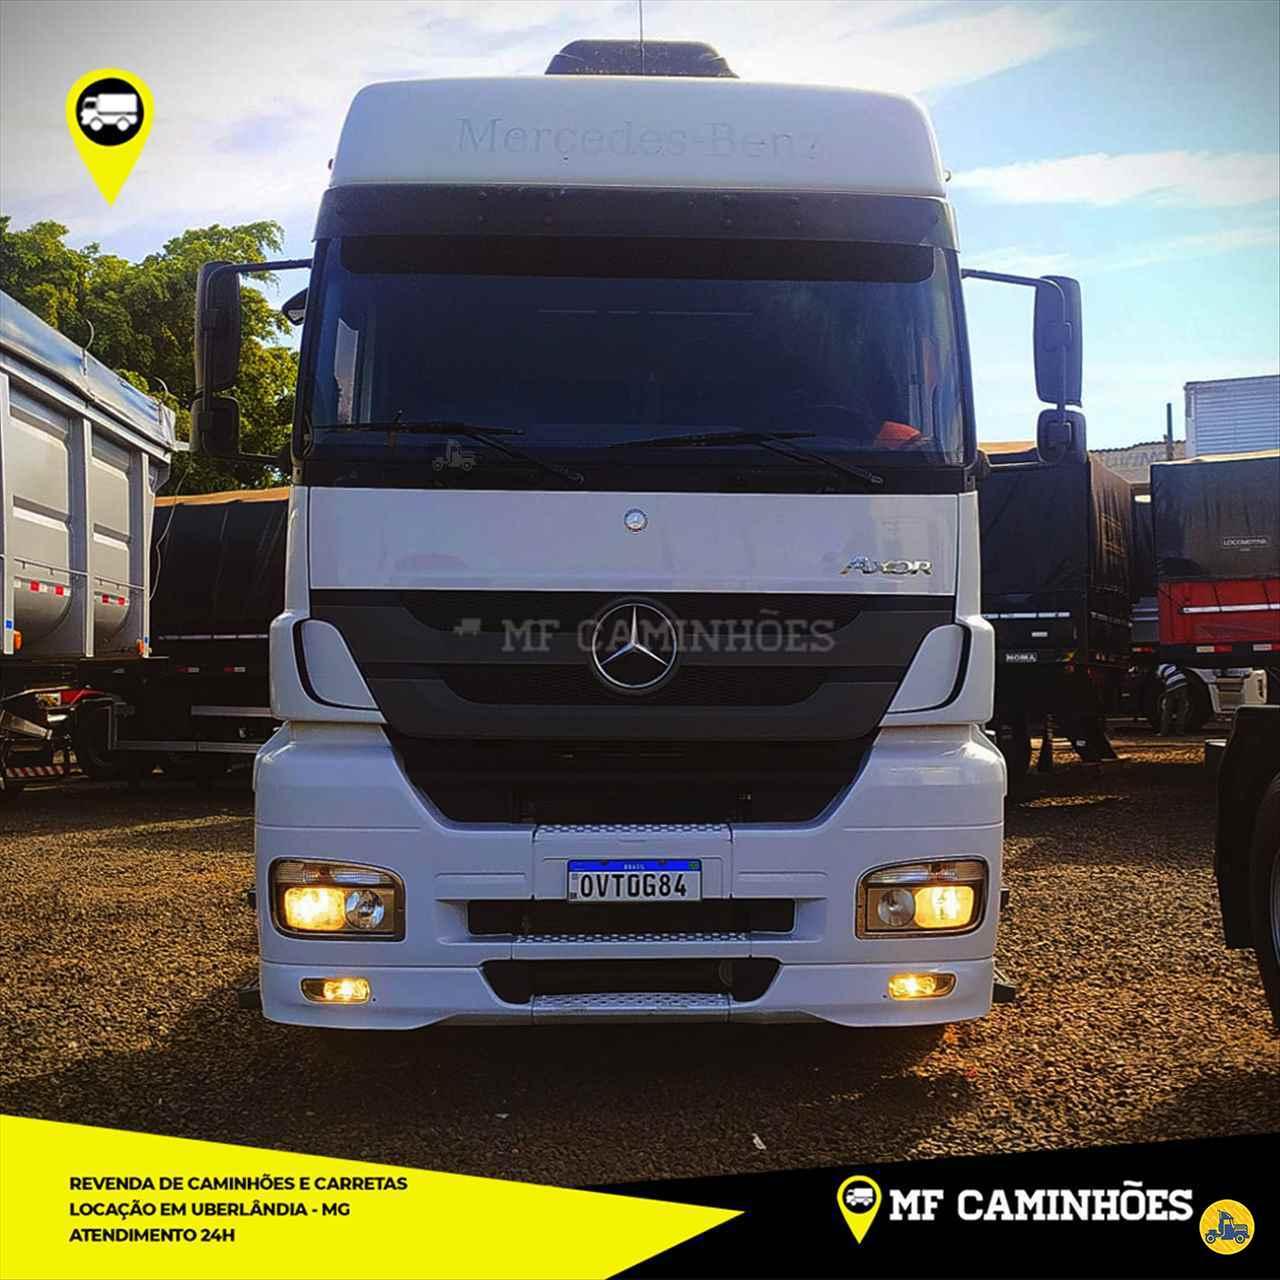 CAMINHAO MERCEDES-BENZ MB 2544 Cavalo Mecânico Toco 4x4 MF Caminhões UBERLANDIA MINAS GERAIS MG